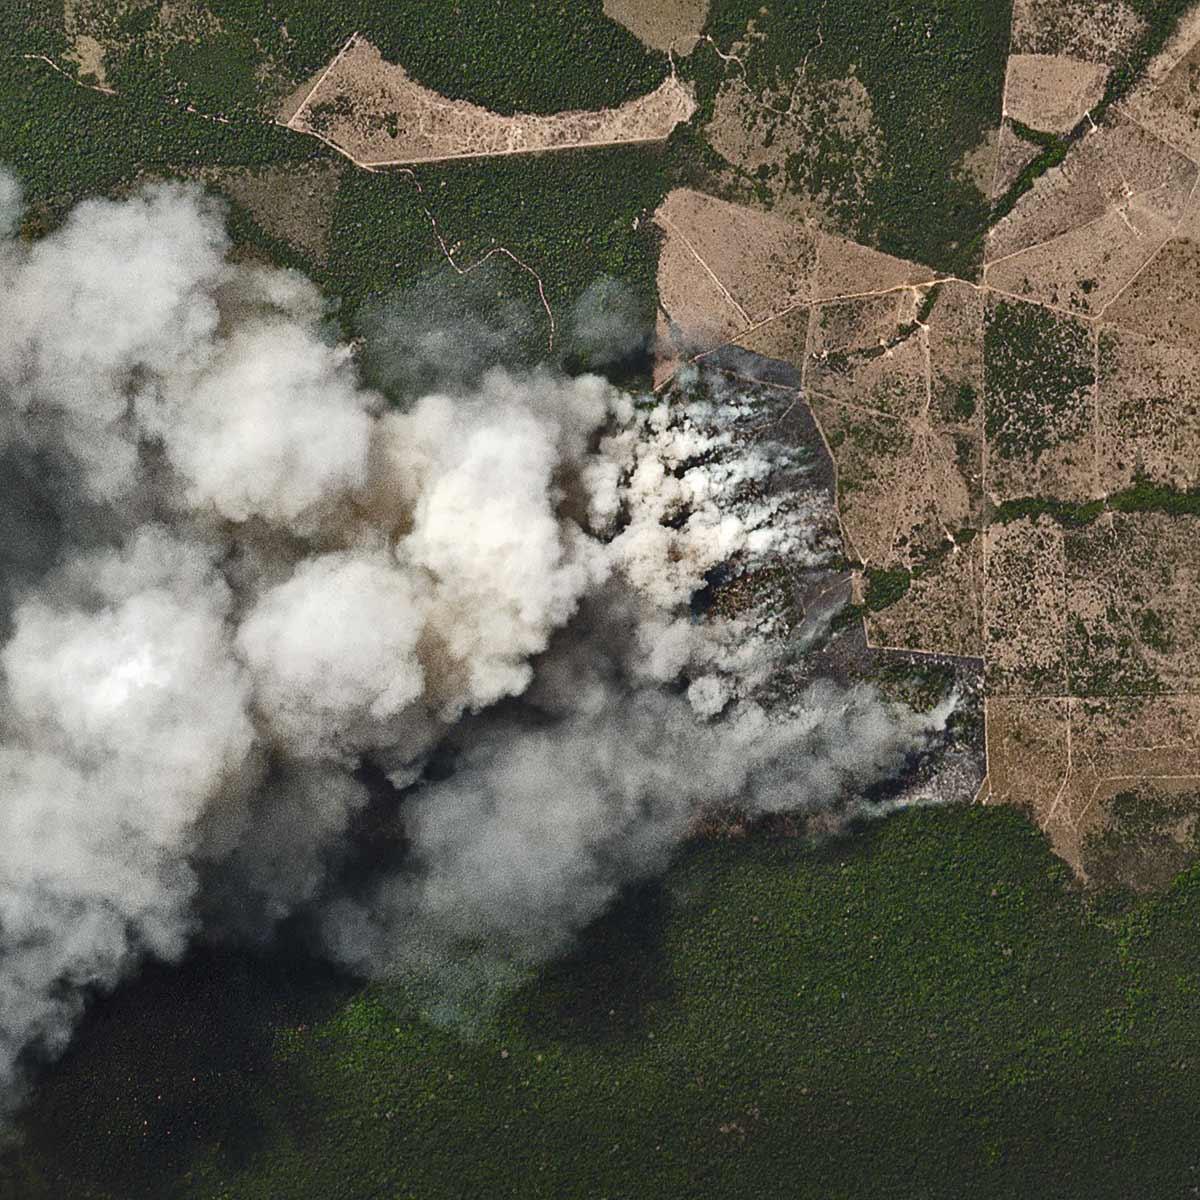 O governo quer comprar imagens de satélite da Amazônia em alta resolução para orientar os fiscais, embora o Ibama não dê conta de atender aos milhares de alertas de desmatamento que recebe todo ano de quatro sistemas de monitoramento.